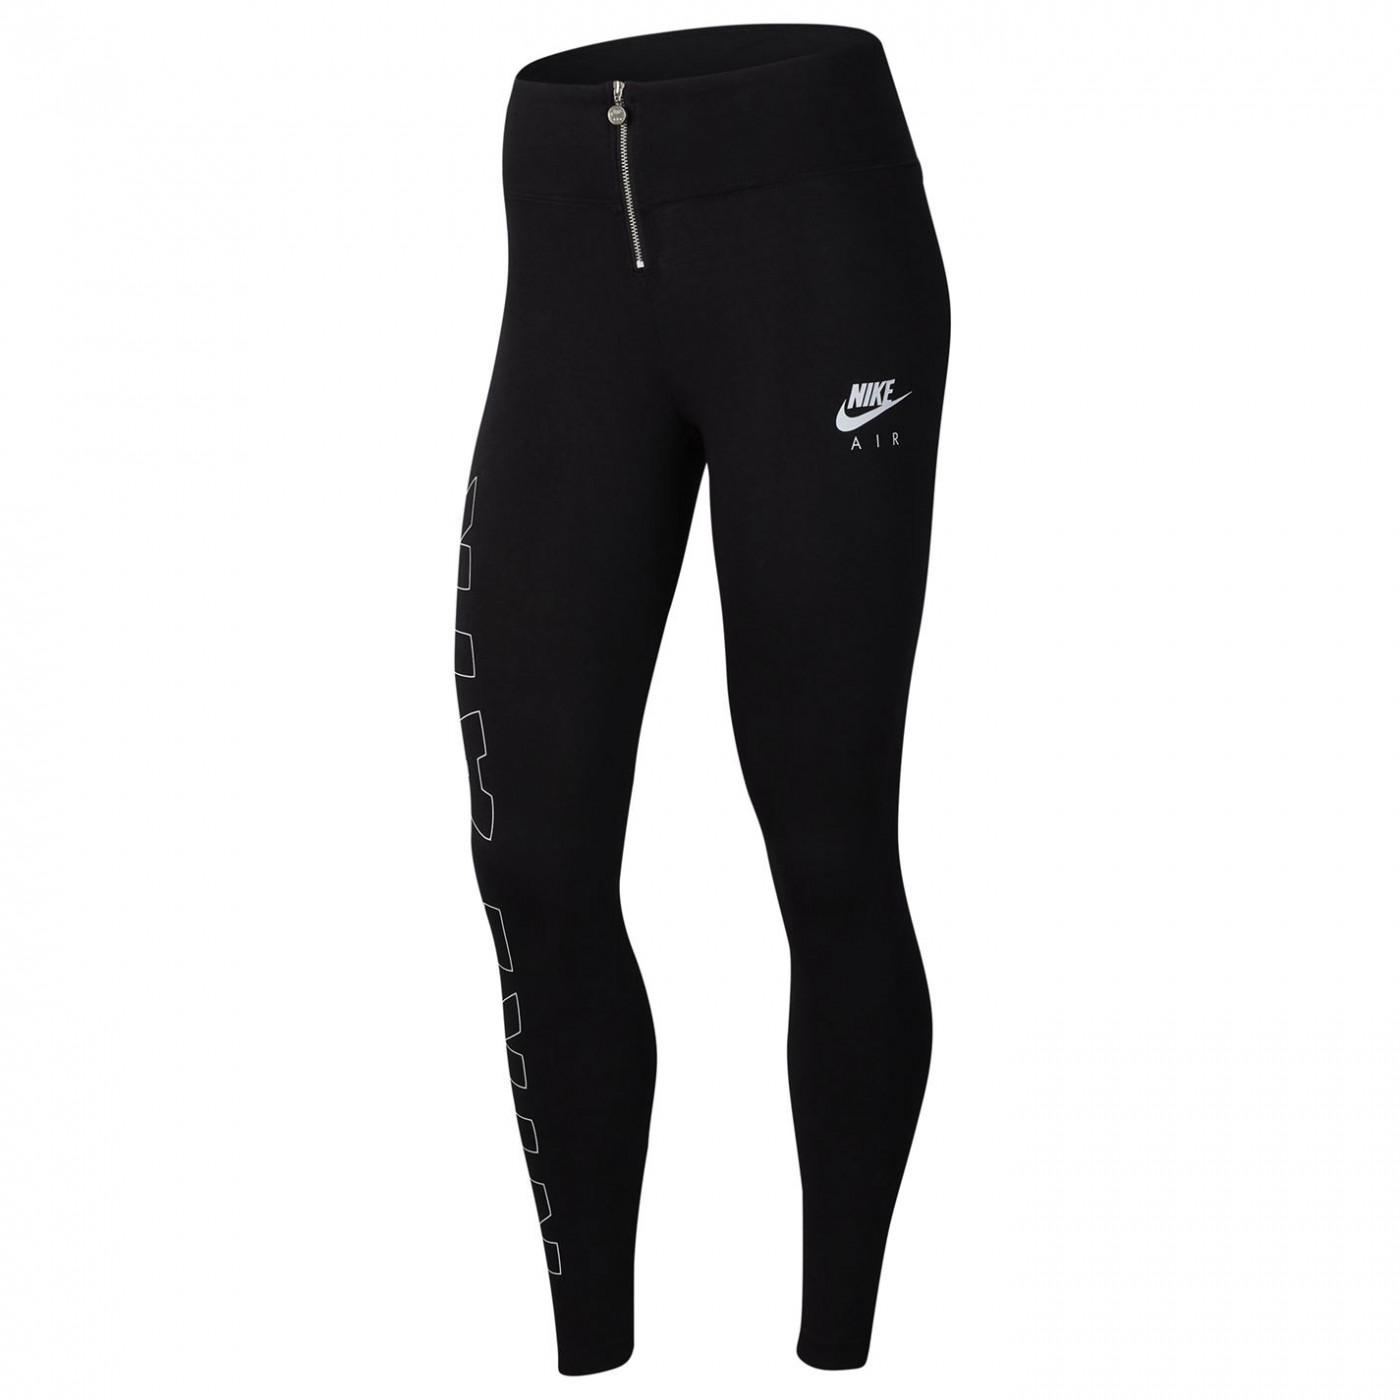 Women's leggins Nike Air